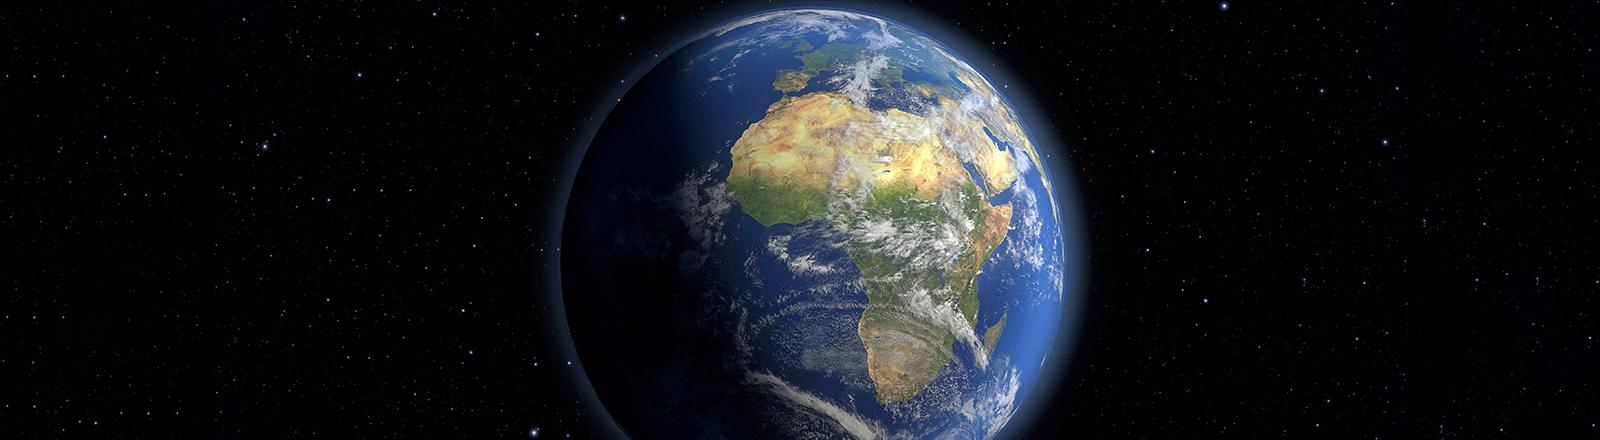 Blick auf die Erde aus dem Weltraum.